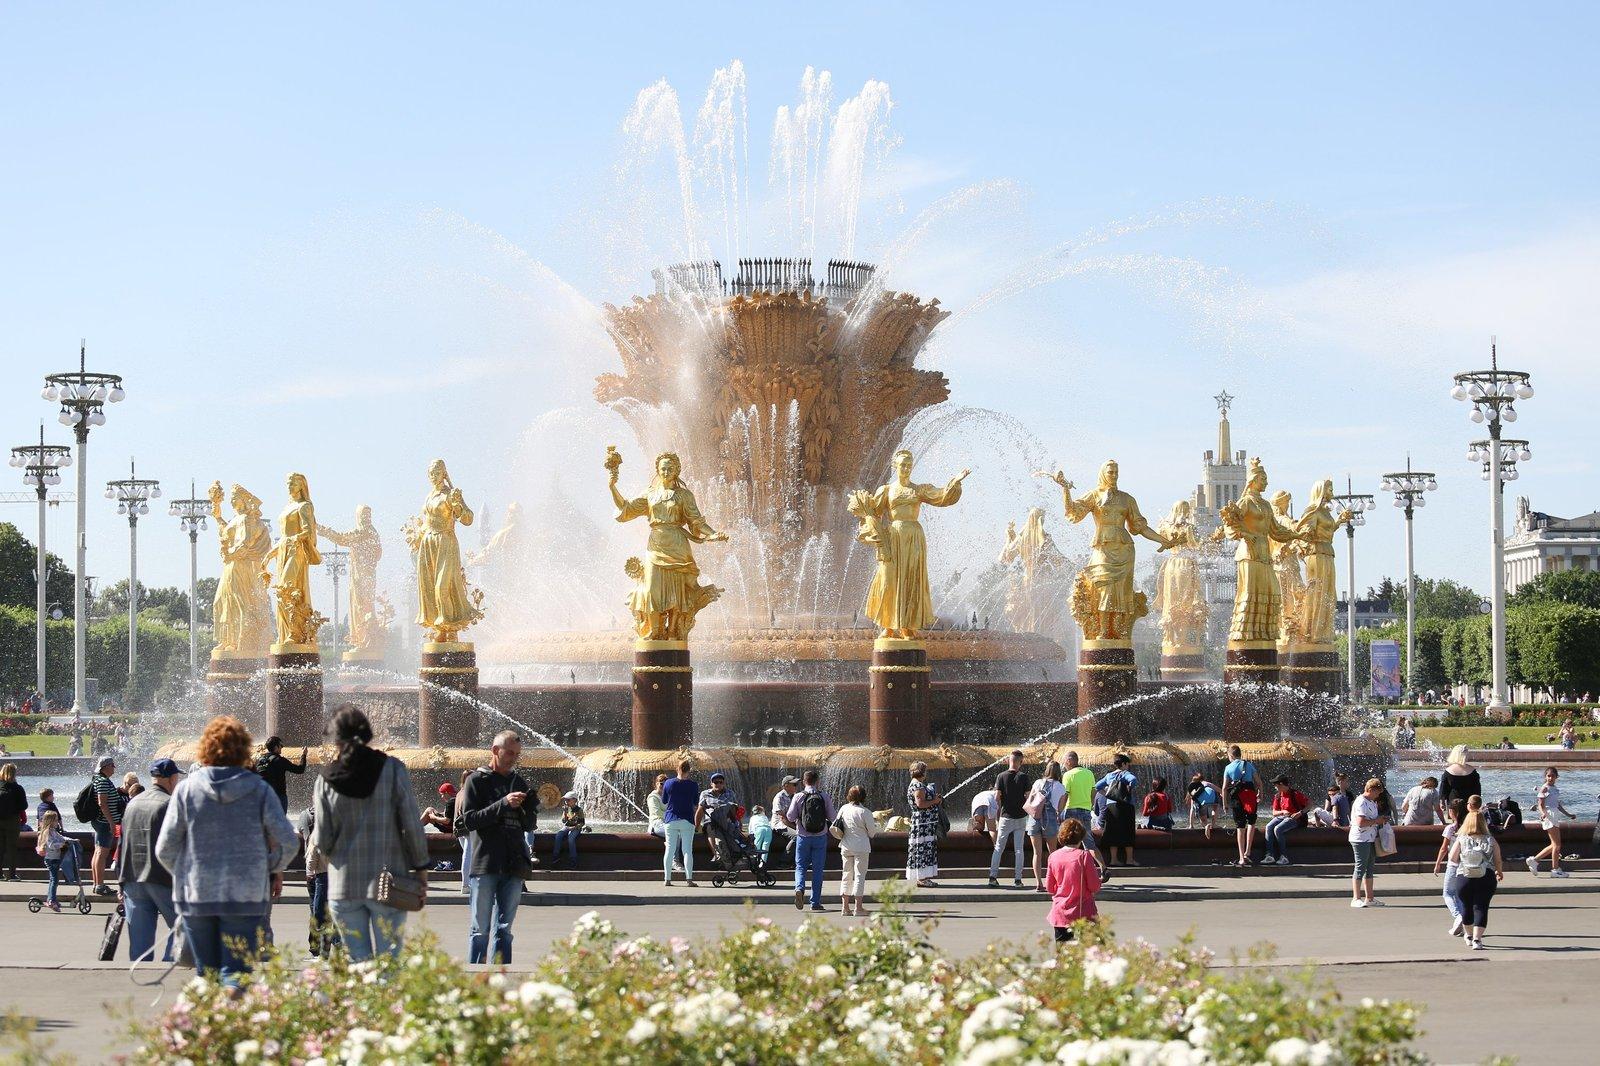 Генеральный директор также рассказал, что облагораживание ЭКСПО значительно приблизит ВДНХ к уровню всемирно известных ведущих выставочных центров / Кирилл Зыков/АГН «Москва»